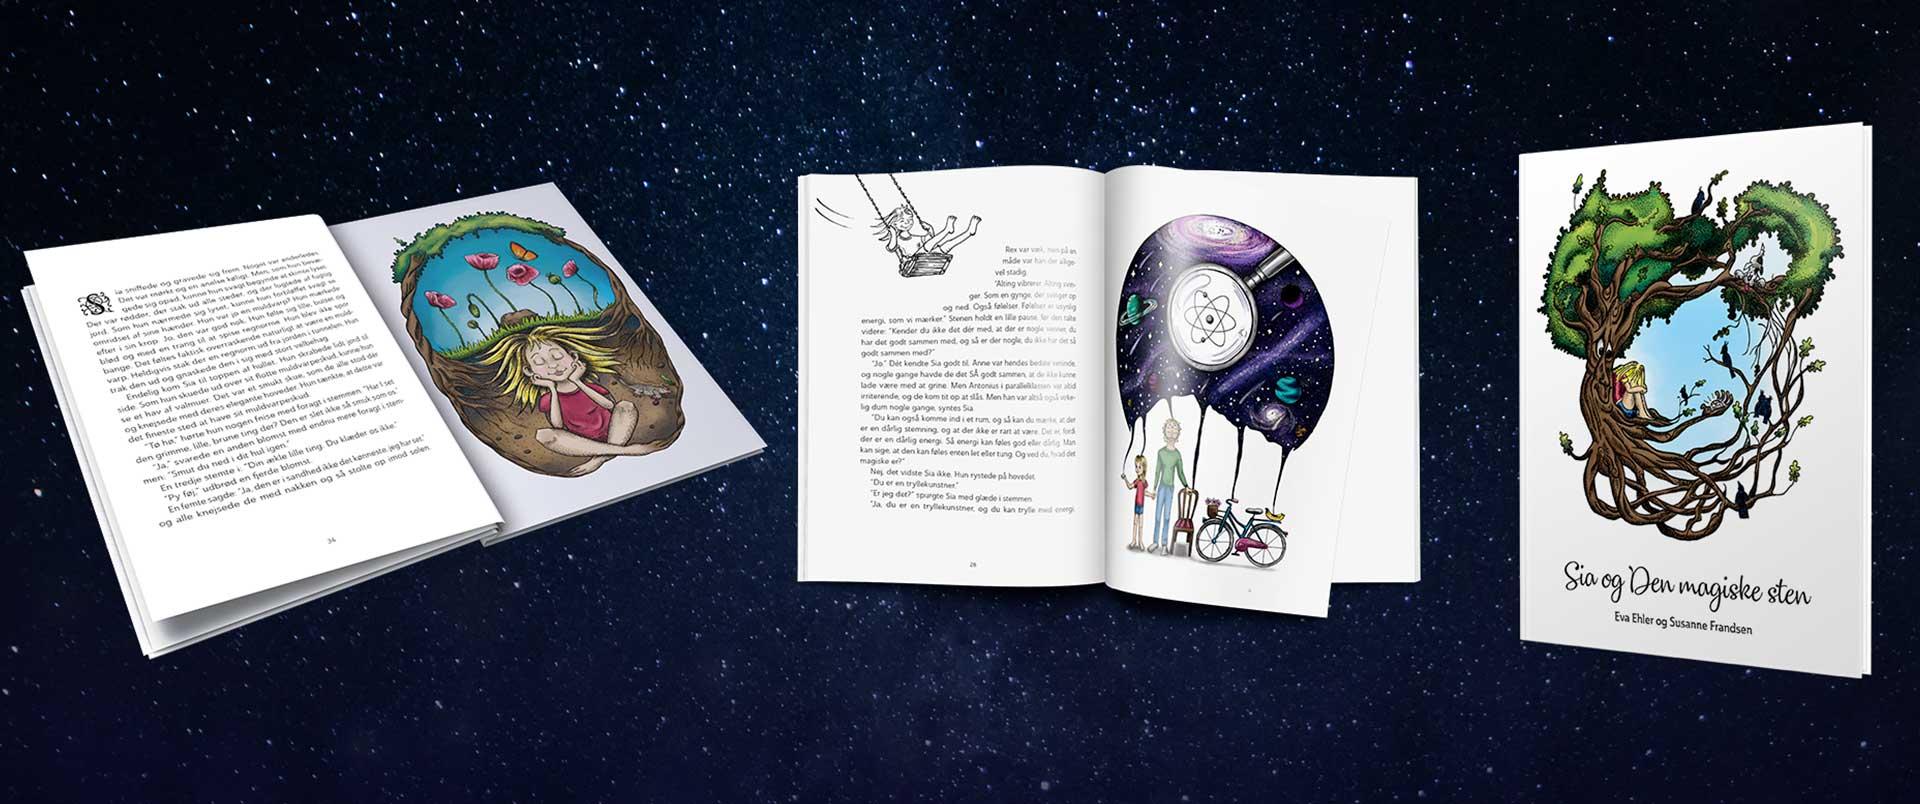 sia-og-den-magiske-sten-bog